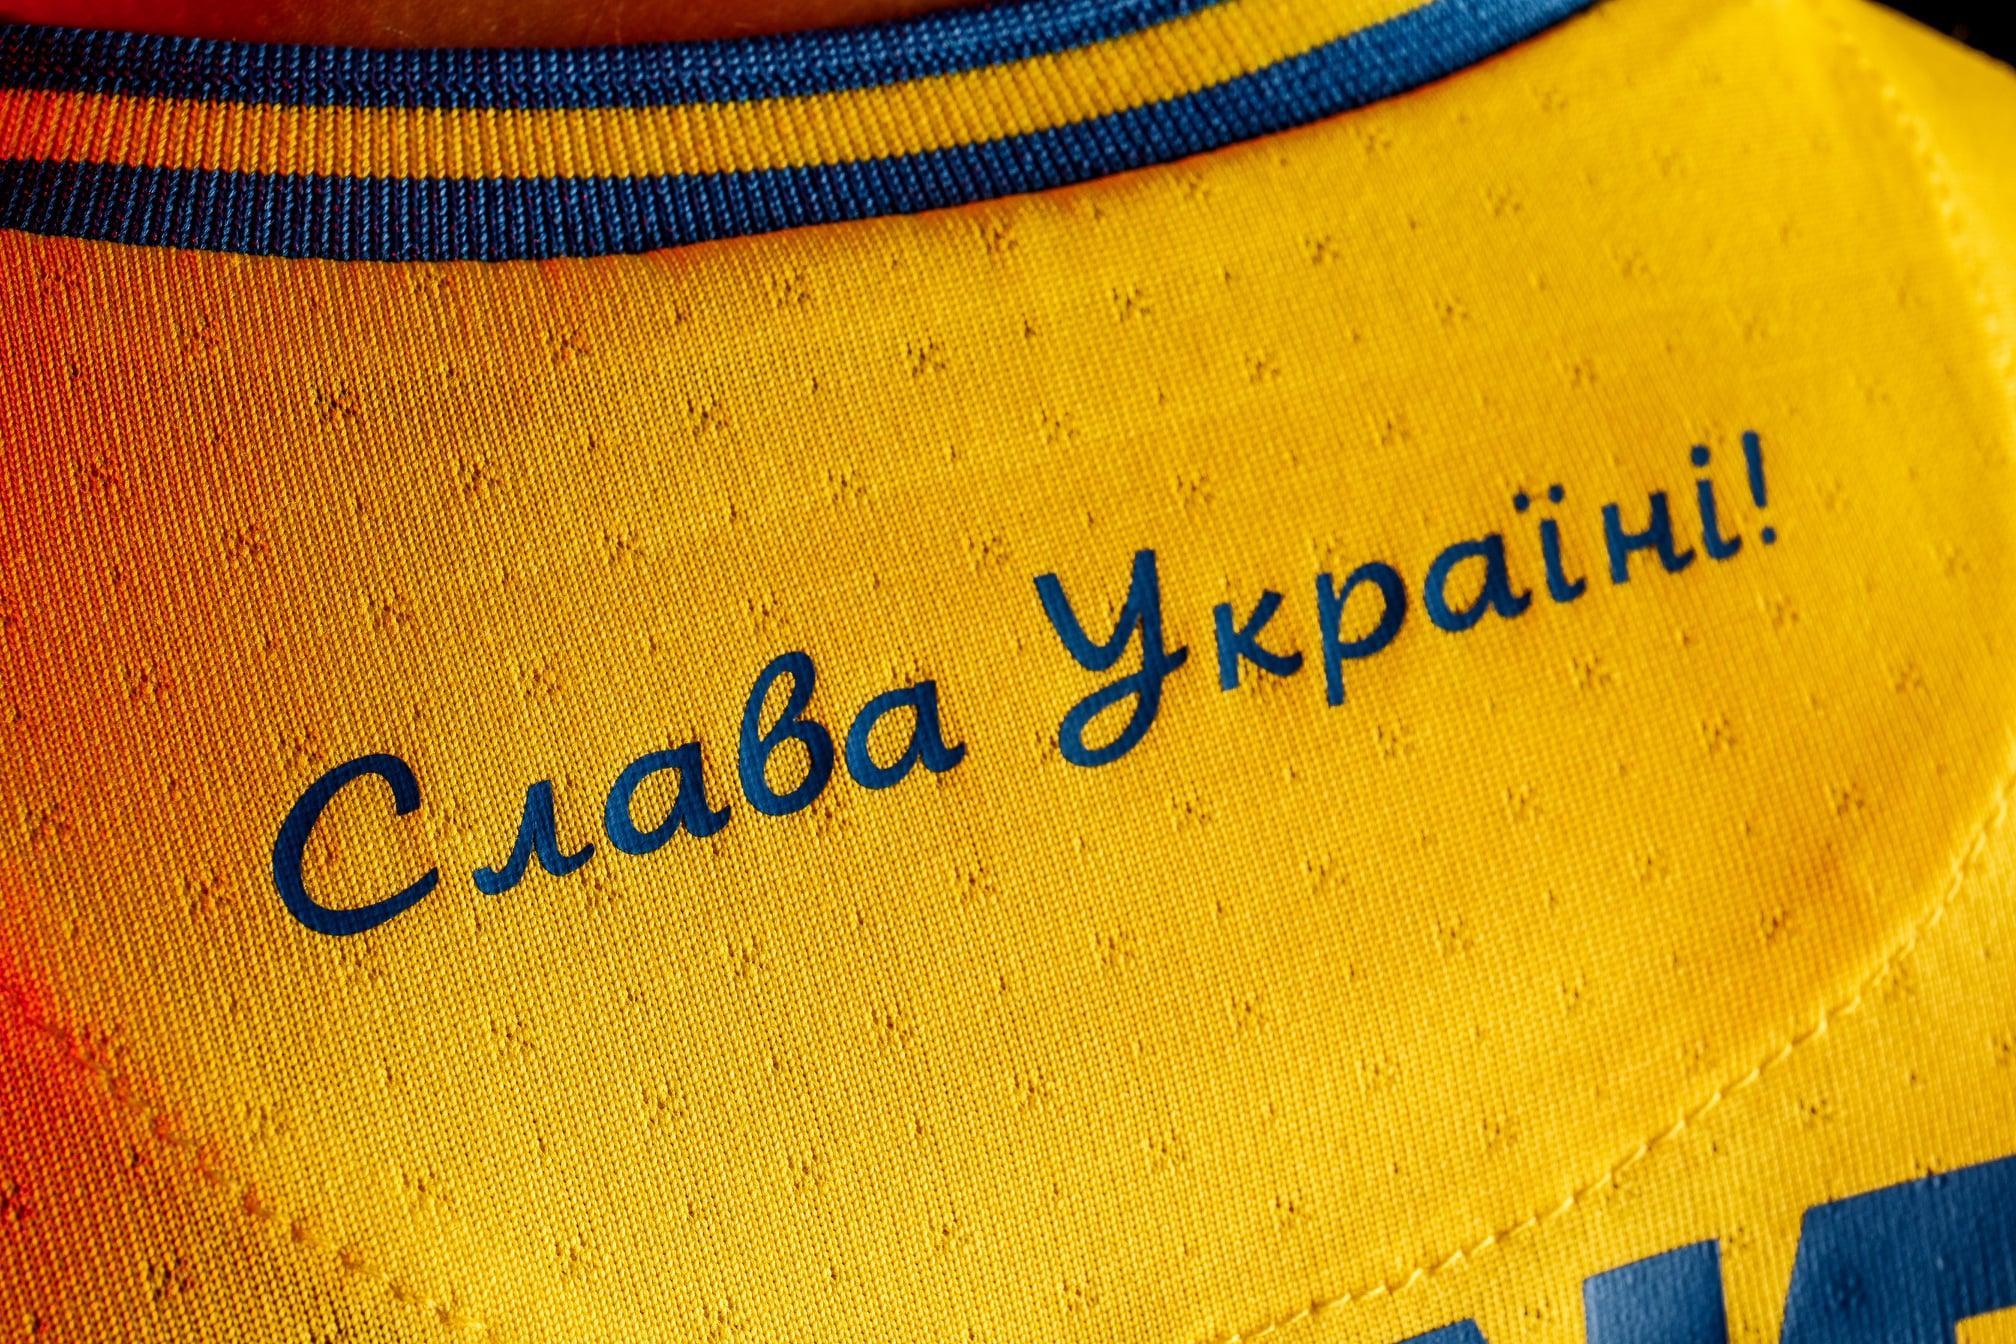 Карта країни, тризуб та Слава Україні: гравці збірної представили нову форму команди